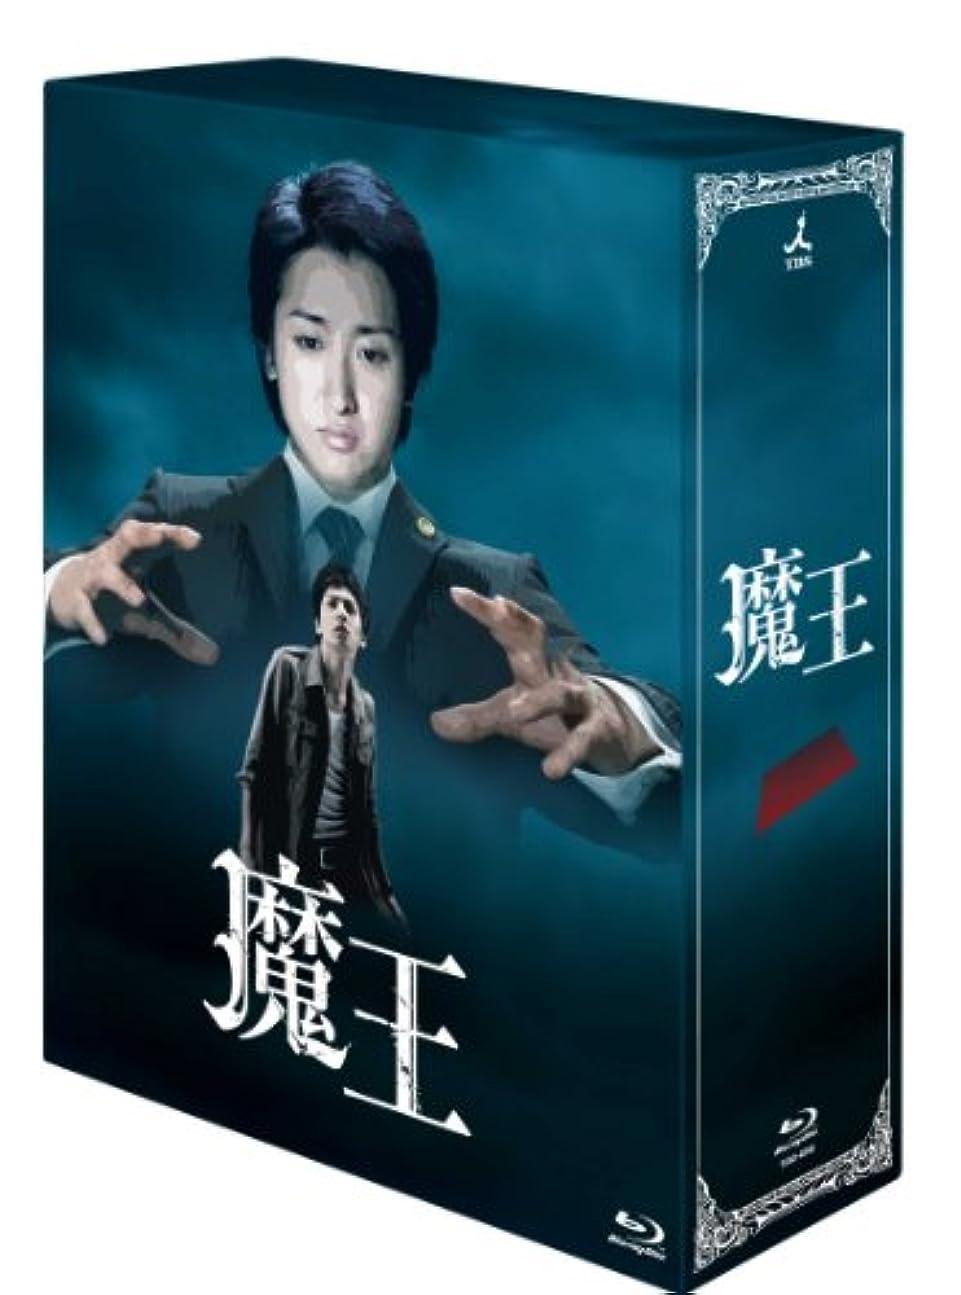 特殊感嘆符郡魔王 Blu-ray BOX